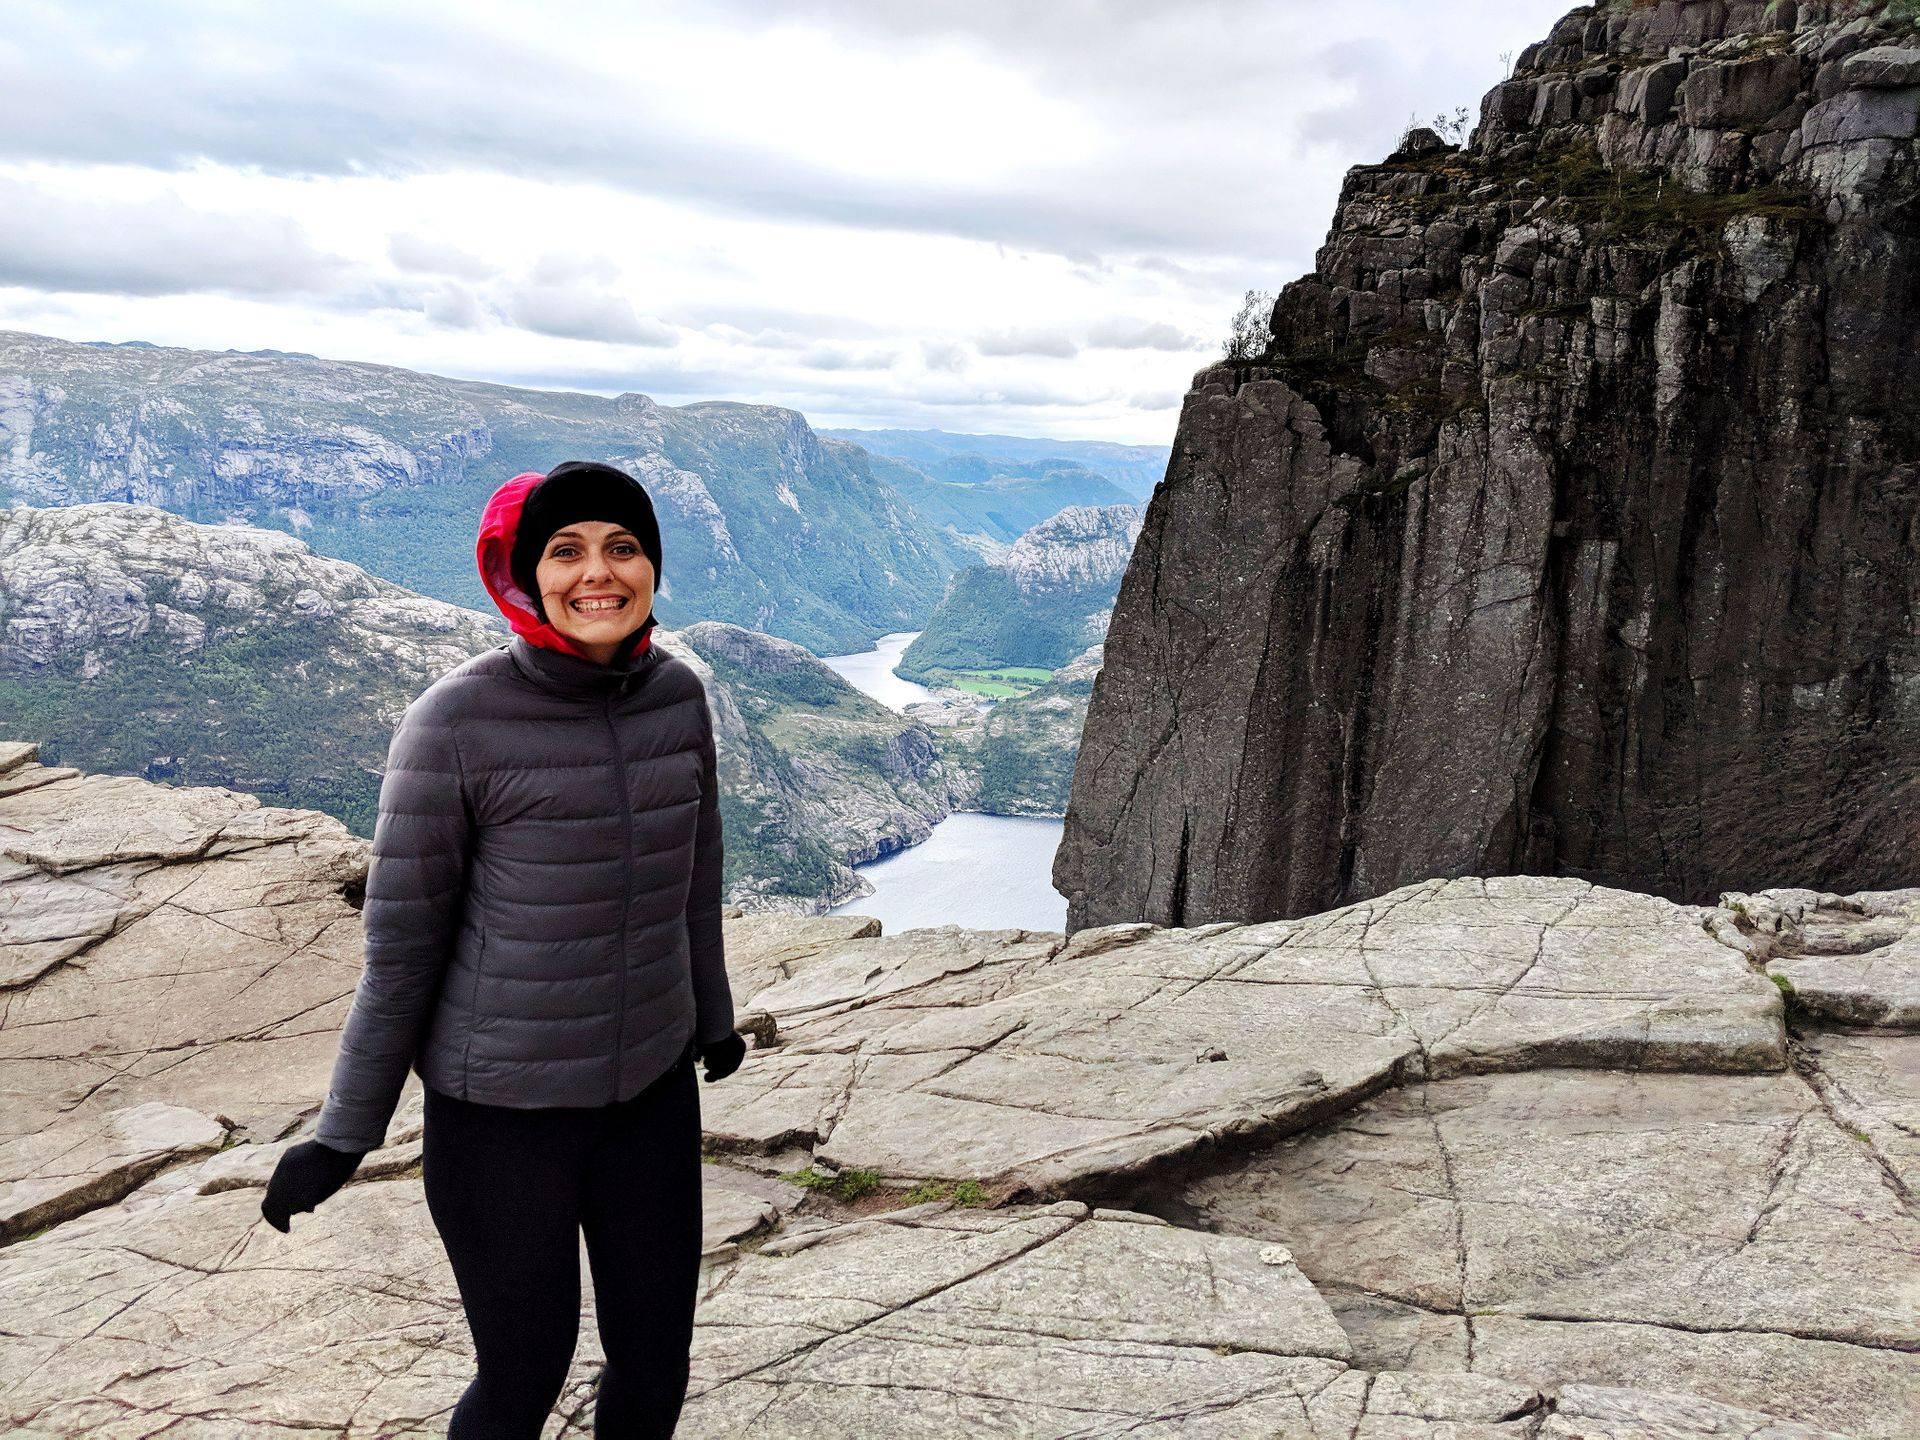 Preikestolen Pulpit Rock Facing Fears